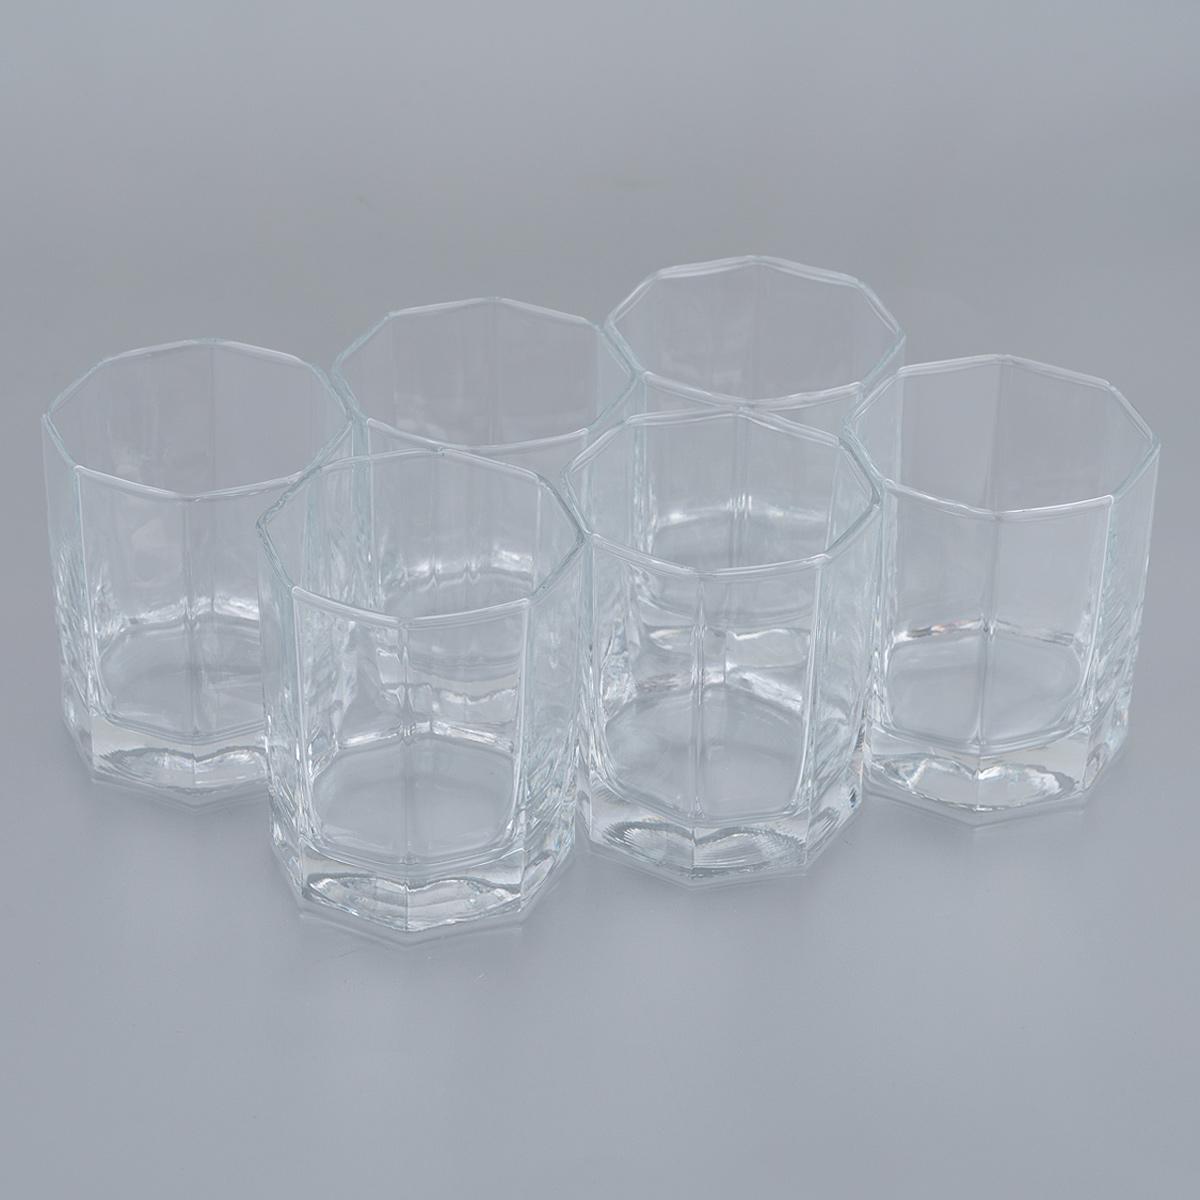 Набор стопок для водки Pasabahce Hisar, 60 мл, 6 штFA-5126-2 WhiteНабор Pasabahce Hisar, состоящий из шести стопок, несомненно, придется вам по душе. Стопки изготовлены из высококачественного натрий-кальций-силикатного стекла и имеют слегка скошенное дно. Изделия предназначены для подачи водки. Стопки выполнены в оригинальном элегантном дизайне и прекрасно будут смотреться за праздничным столом и на кухне в повседневной жизни.Набор стопок Pasabahce Hisar идеально подойдет для сервировки стола и станет отличным подарком к любому празднику.Высота стопки: 5,5 смДиаметр стопки (по верхнему краю): 4,5 см.